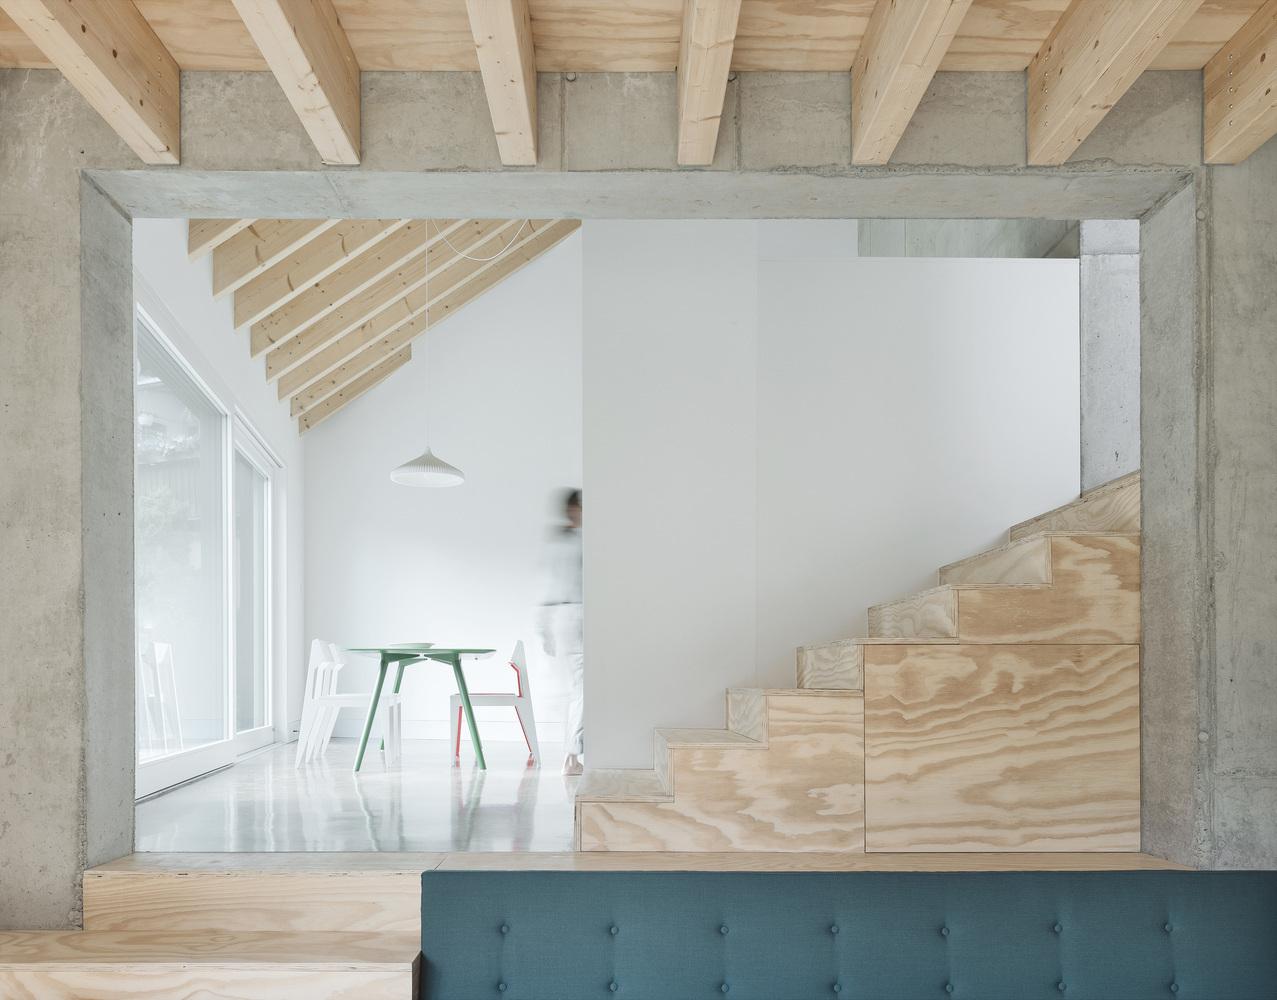 Xu hướng thiết kế nội thất tương lai chuộng sử dụng bê tông và gỗ ở trạng thái nguyên bản.